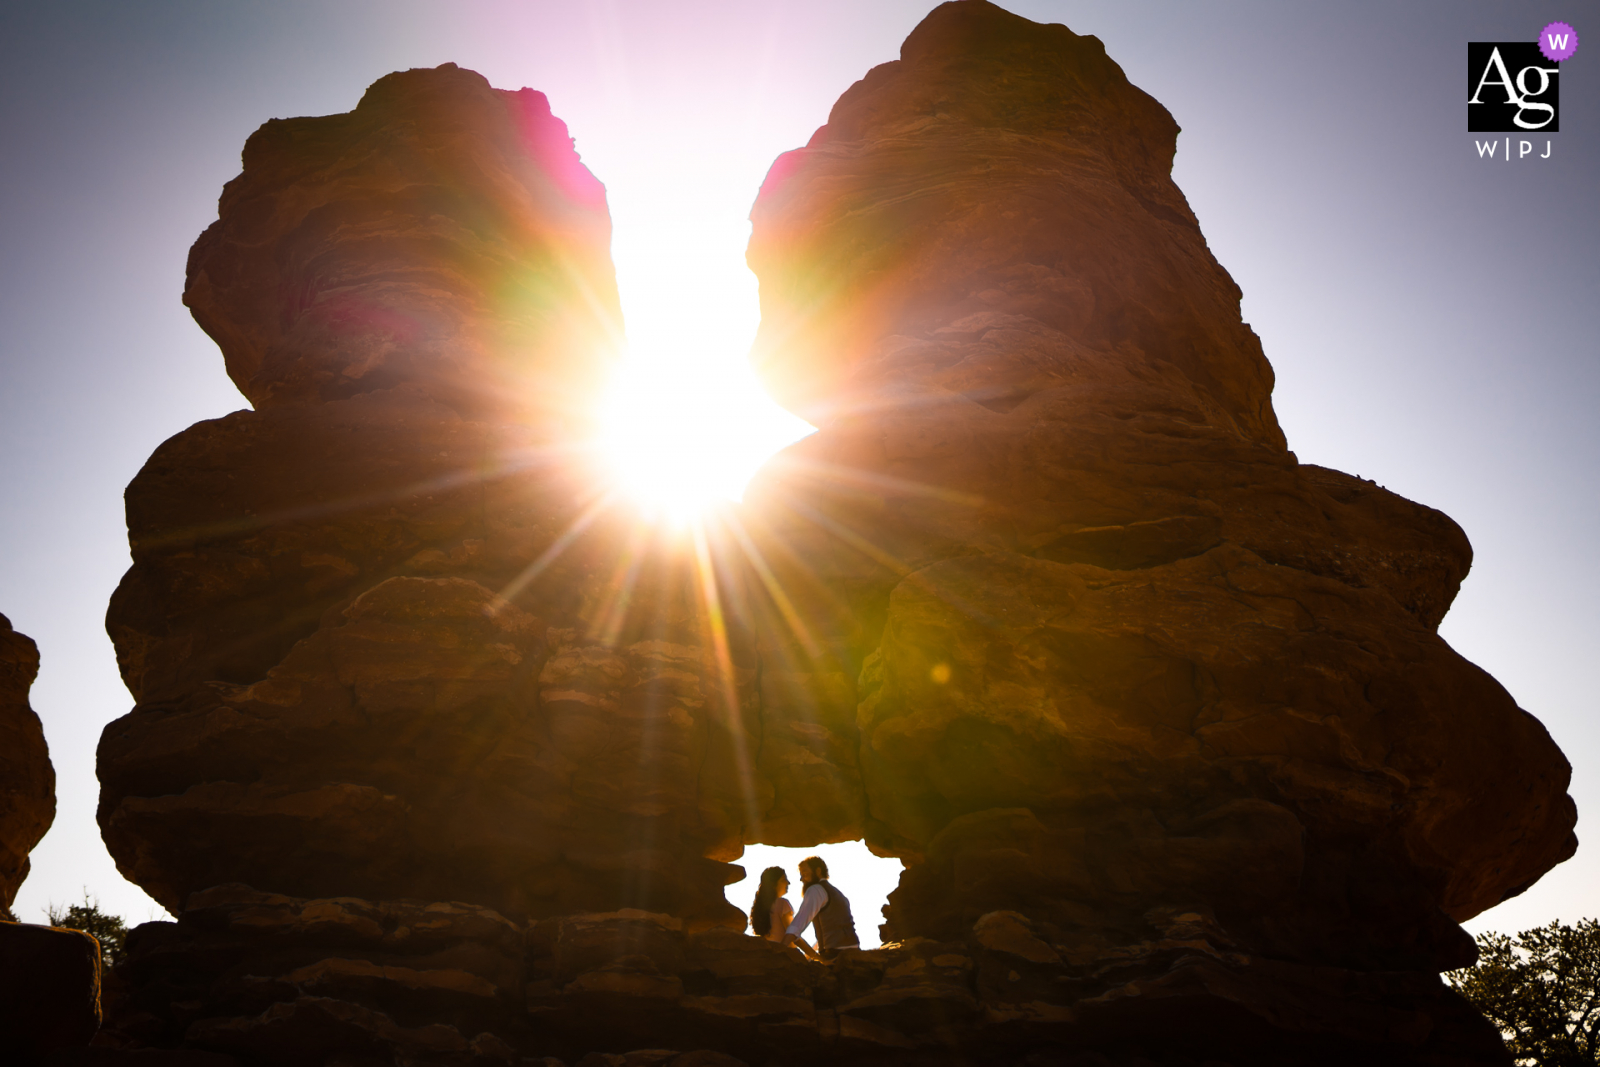 Garden of the Gods Park - Colorado Springs, Colorado bride and groom pose for portraits after their sunrise wedding ceremony